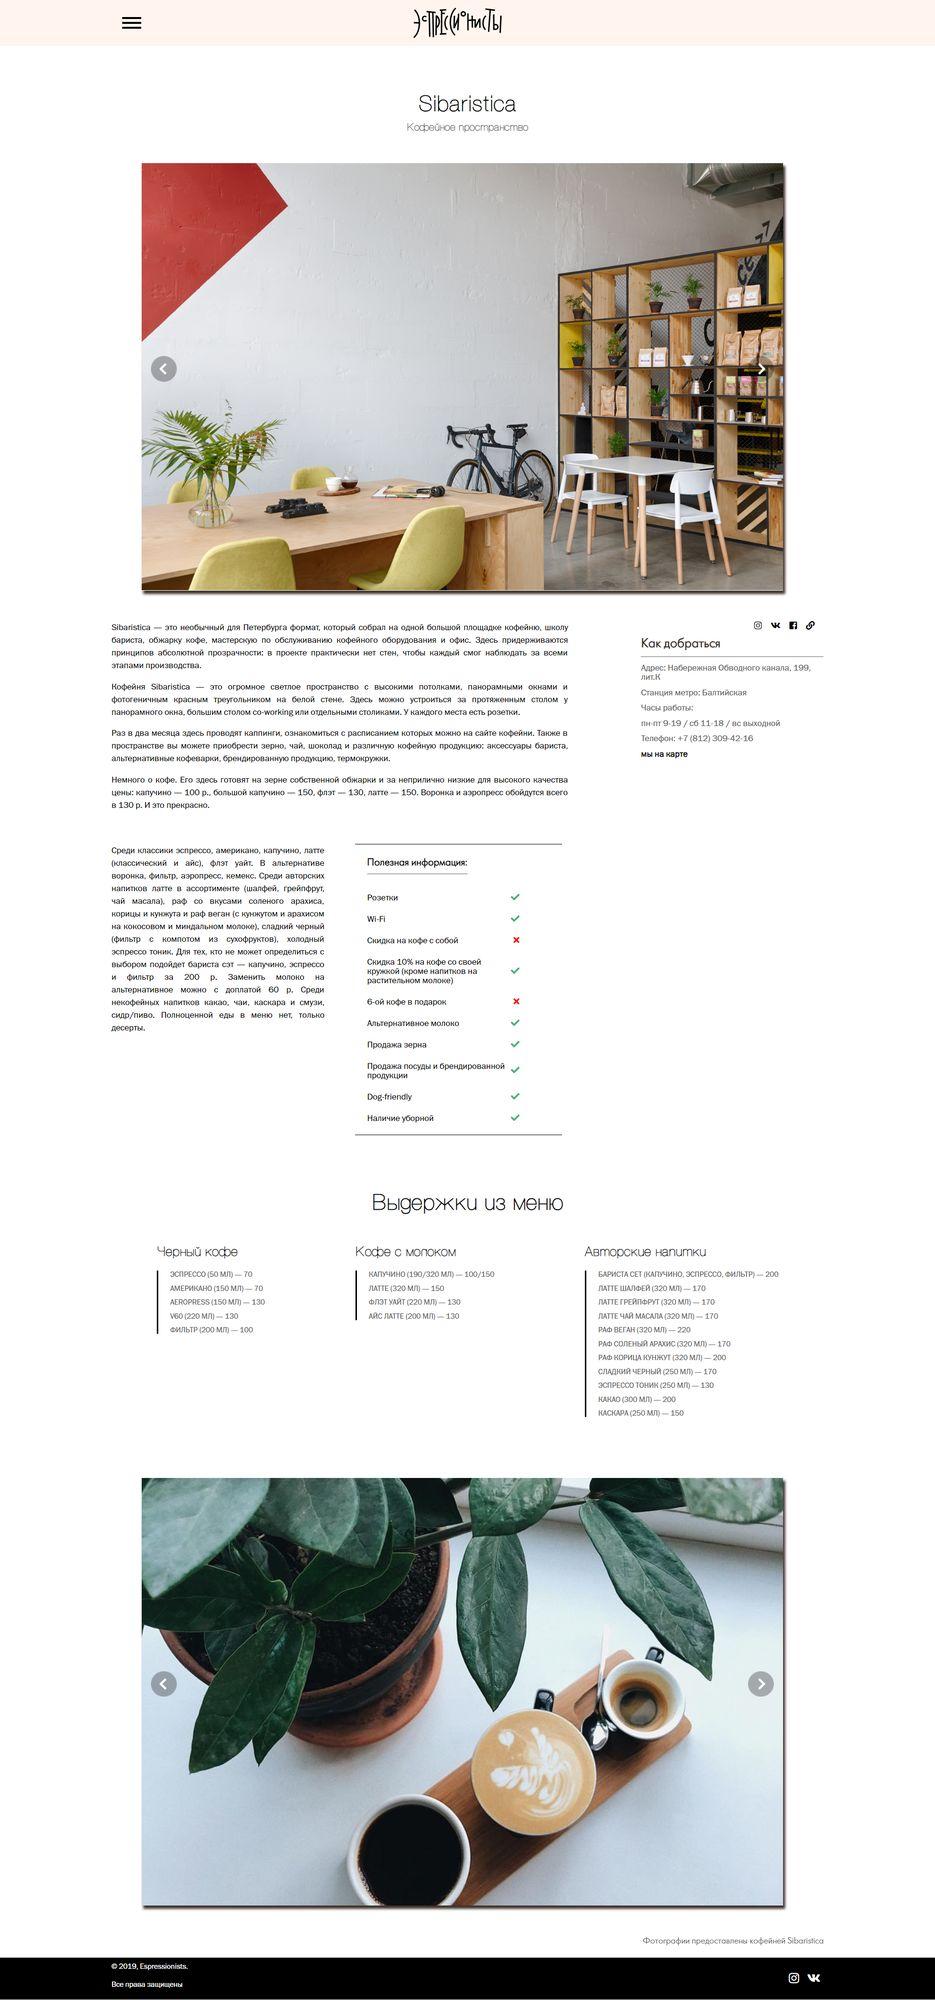 Страница с подробным описанием кофейни